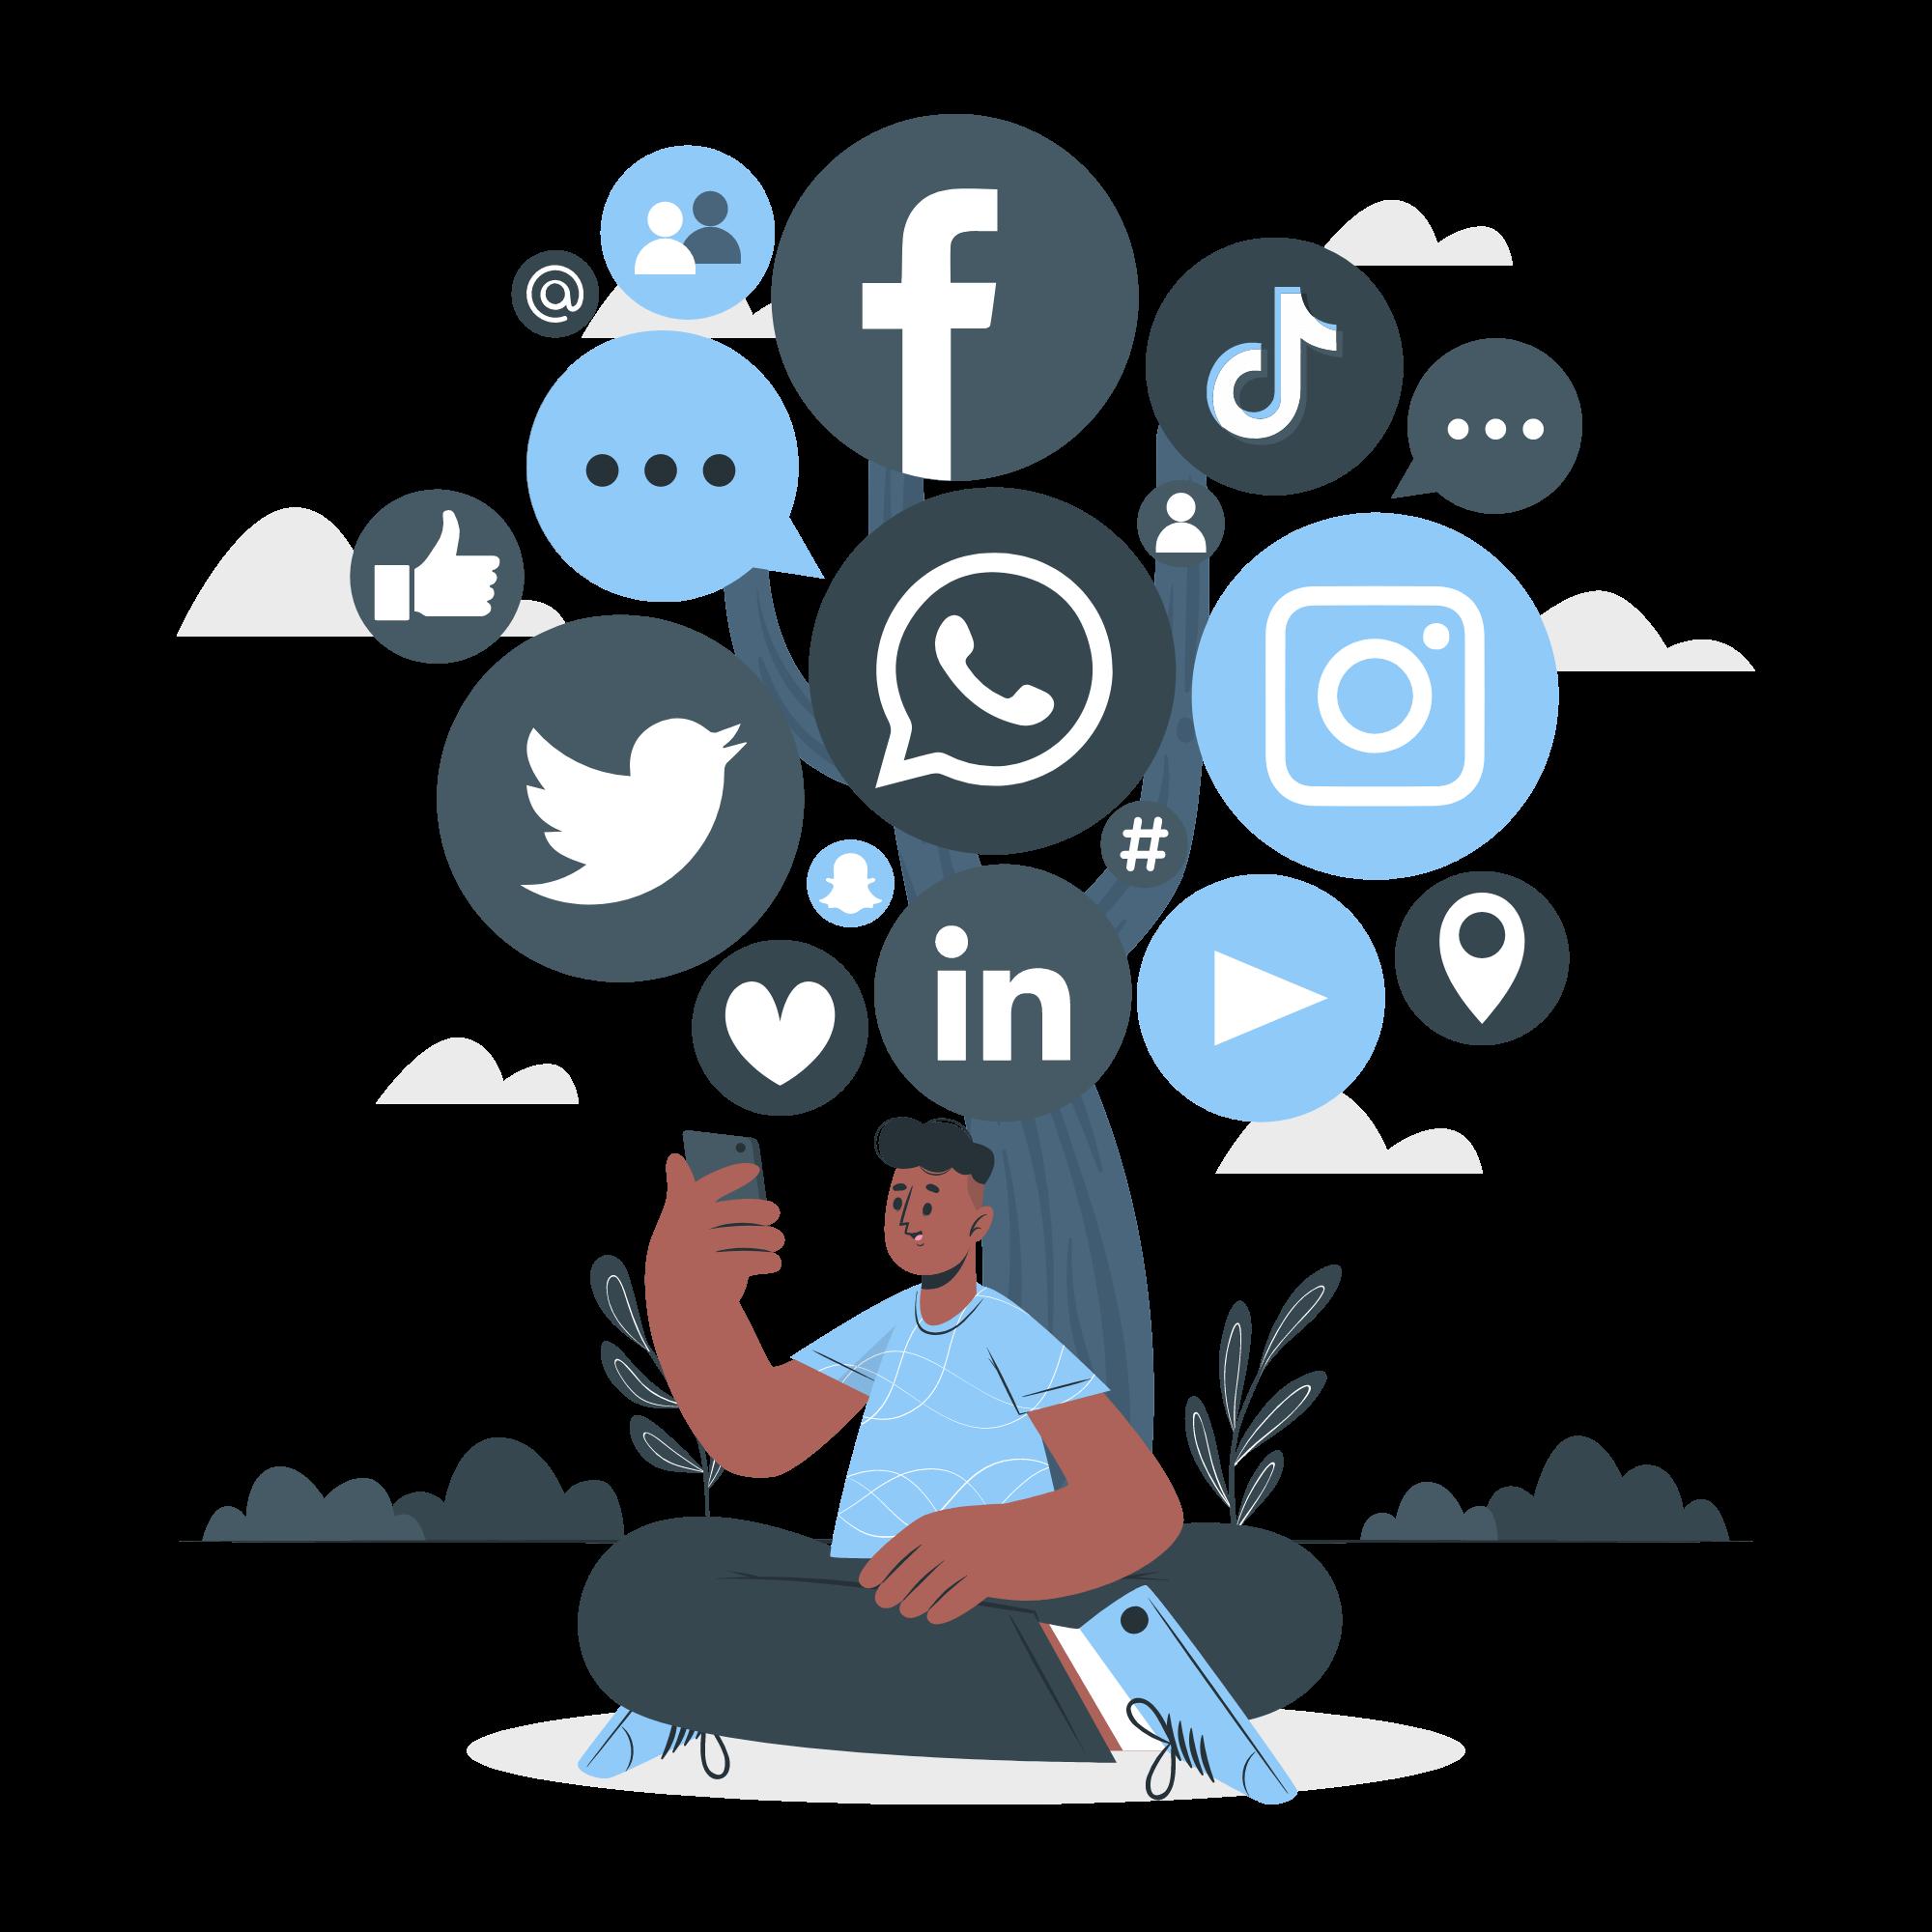 social-media-contest-as-pre-event-engagement-ideas